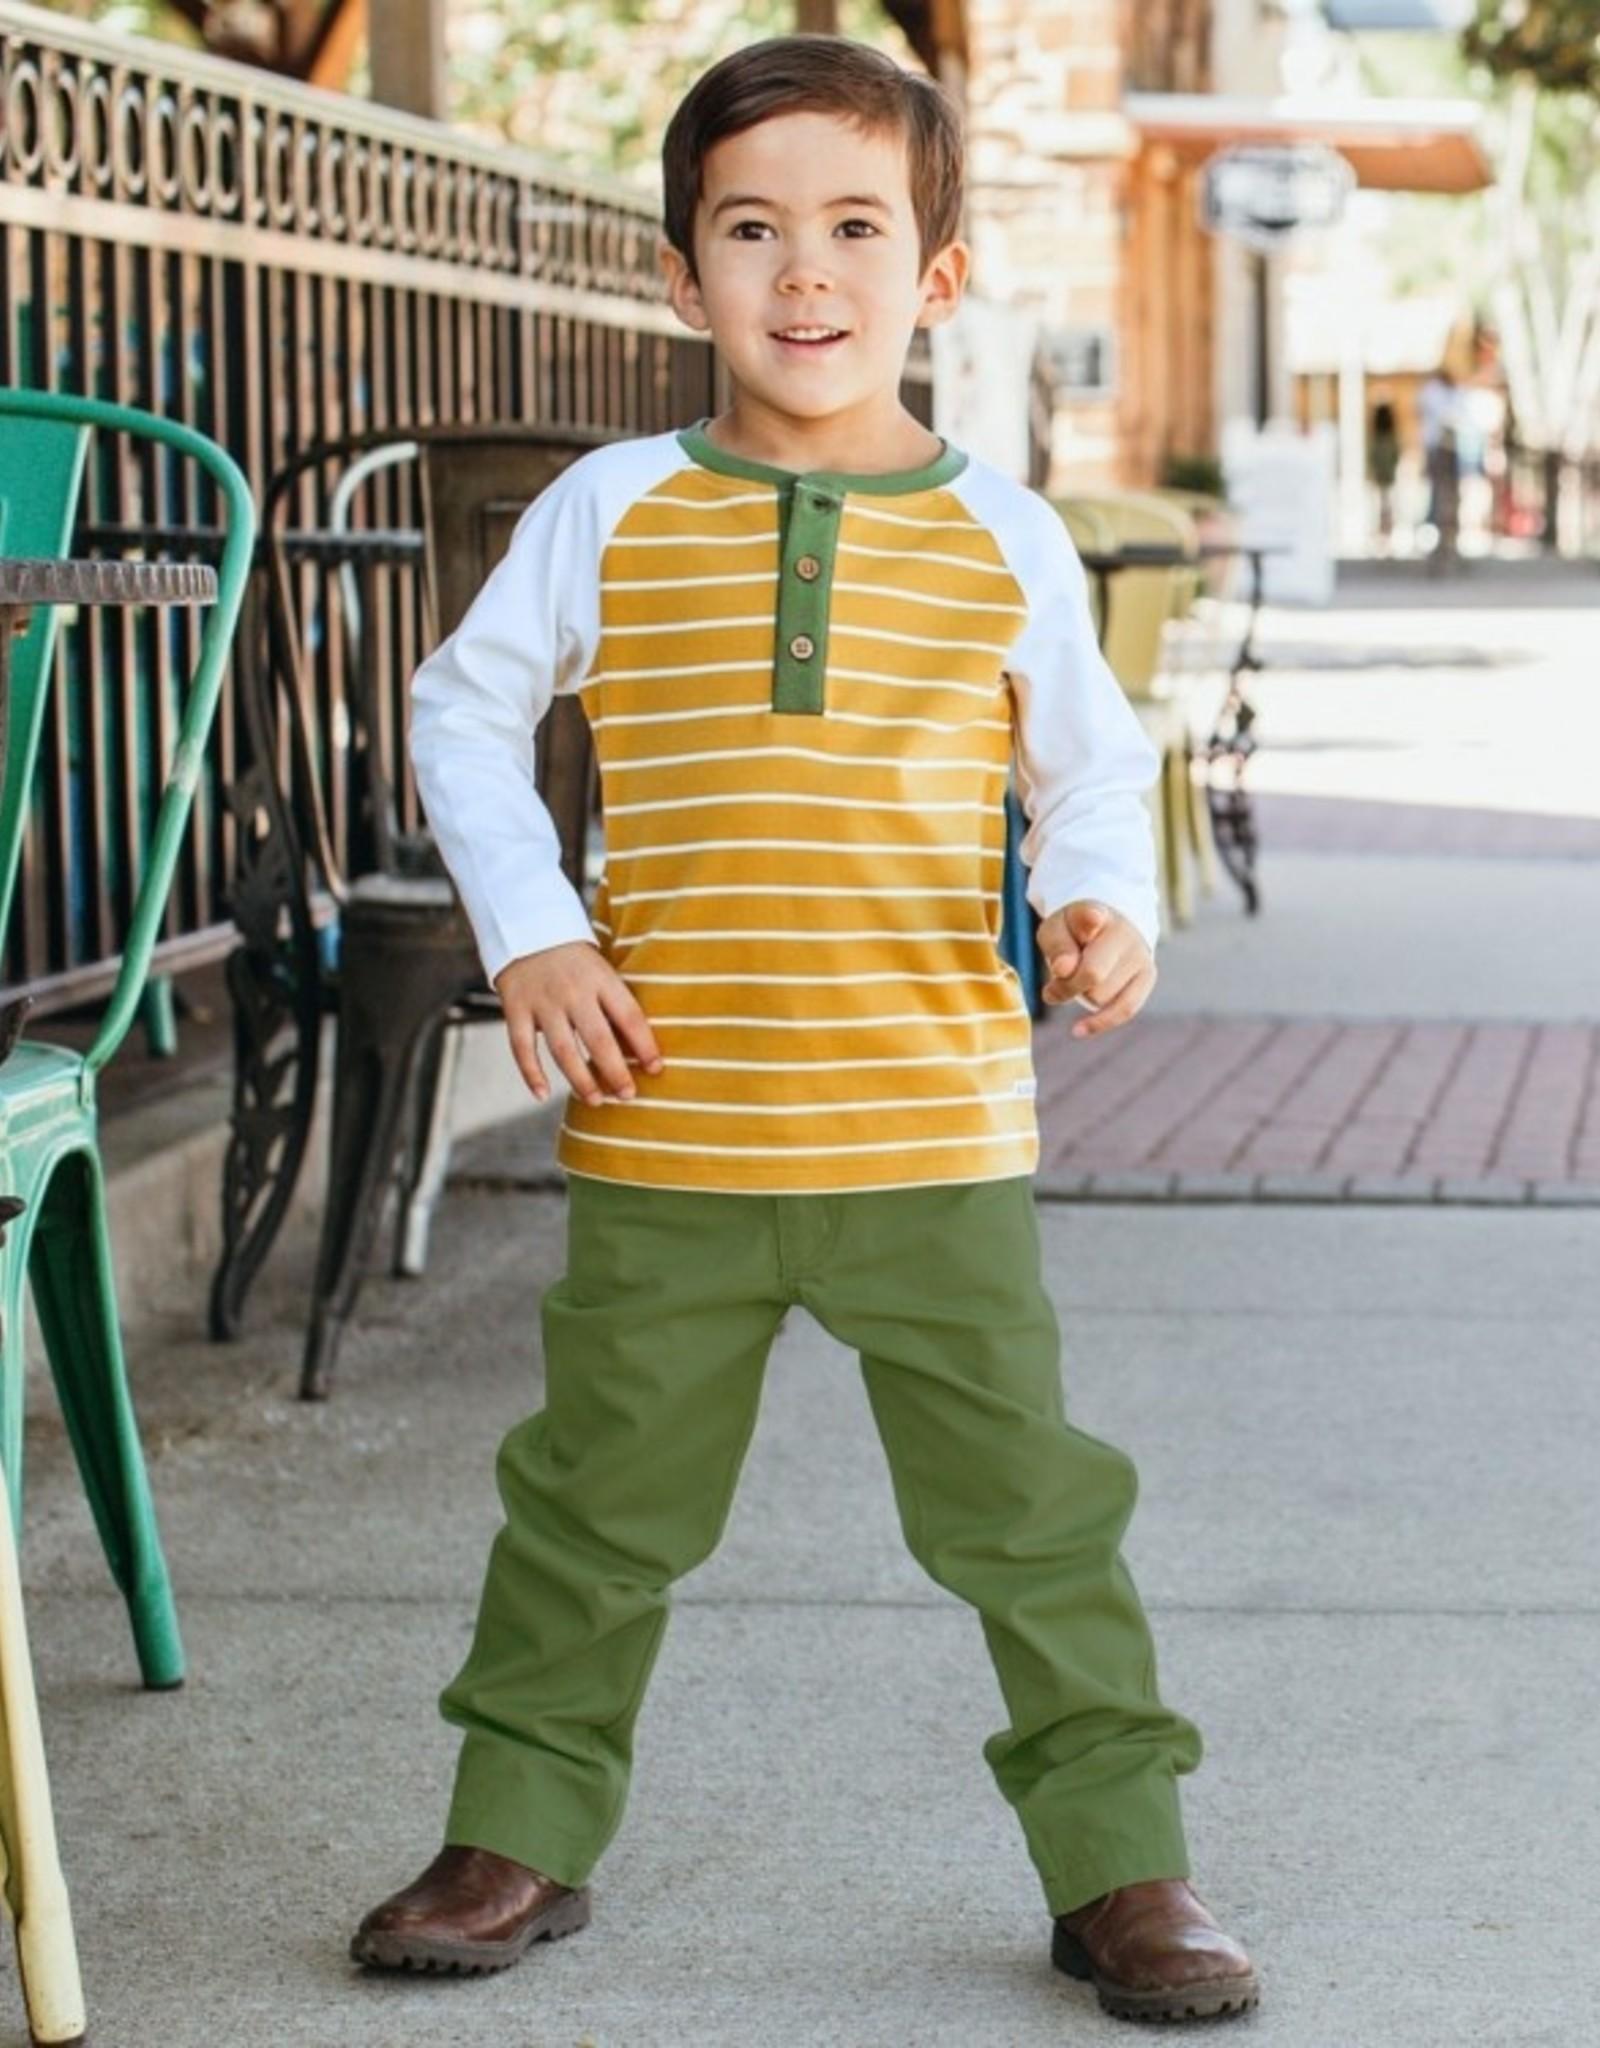 RuggedButts Golden Yellow Stripe Raglan Henley Tee 18-24 months